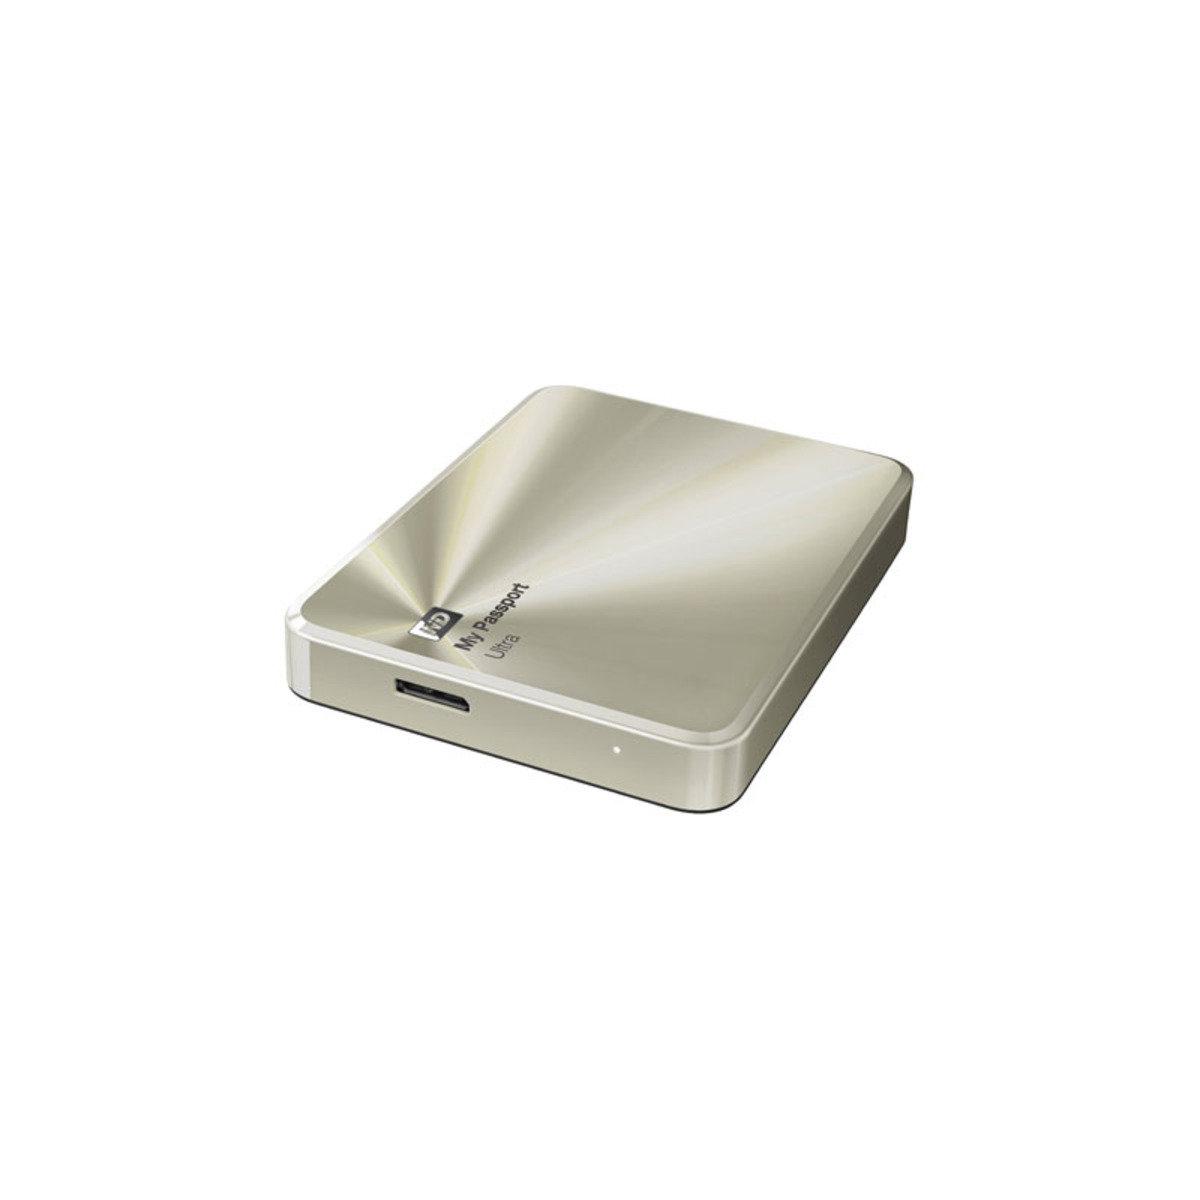 My Passport Ultra Metal Edition 2TB USB3.0 2.5吋 金屬殼外置硬碟